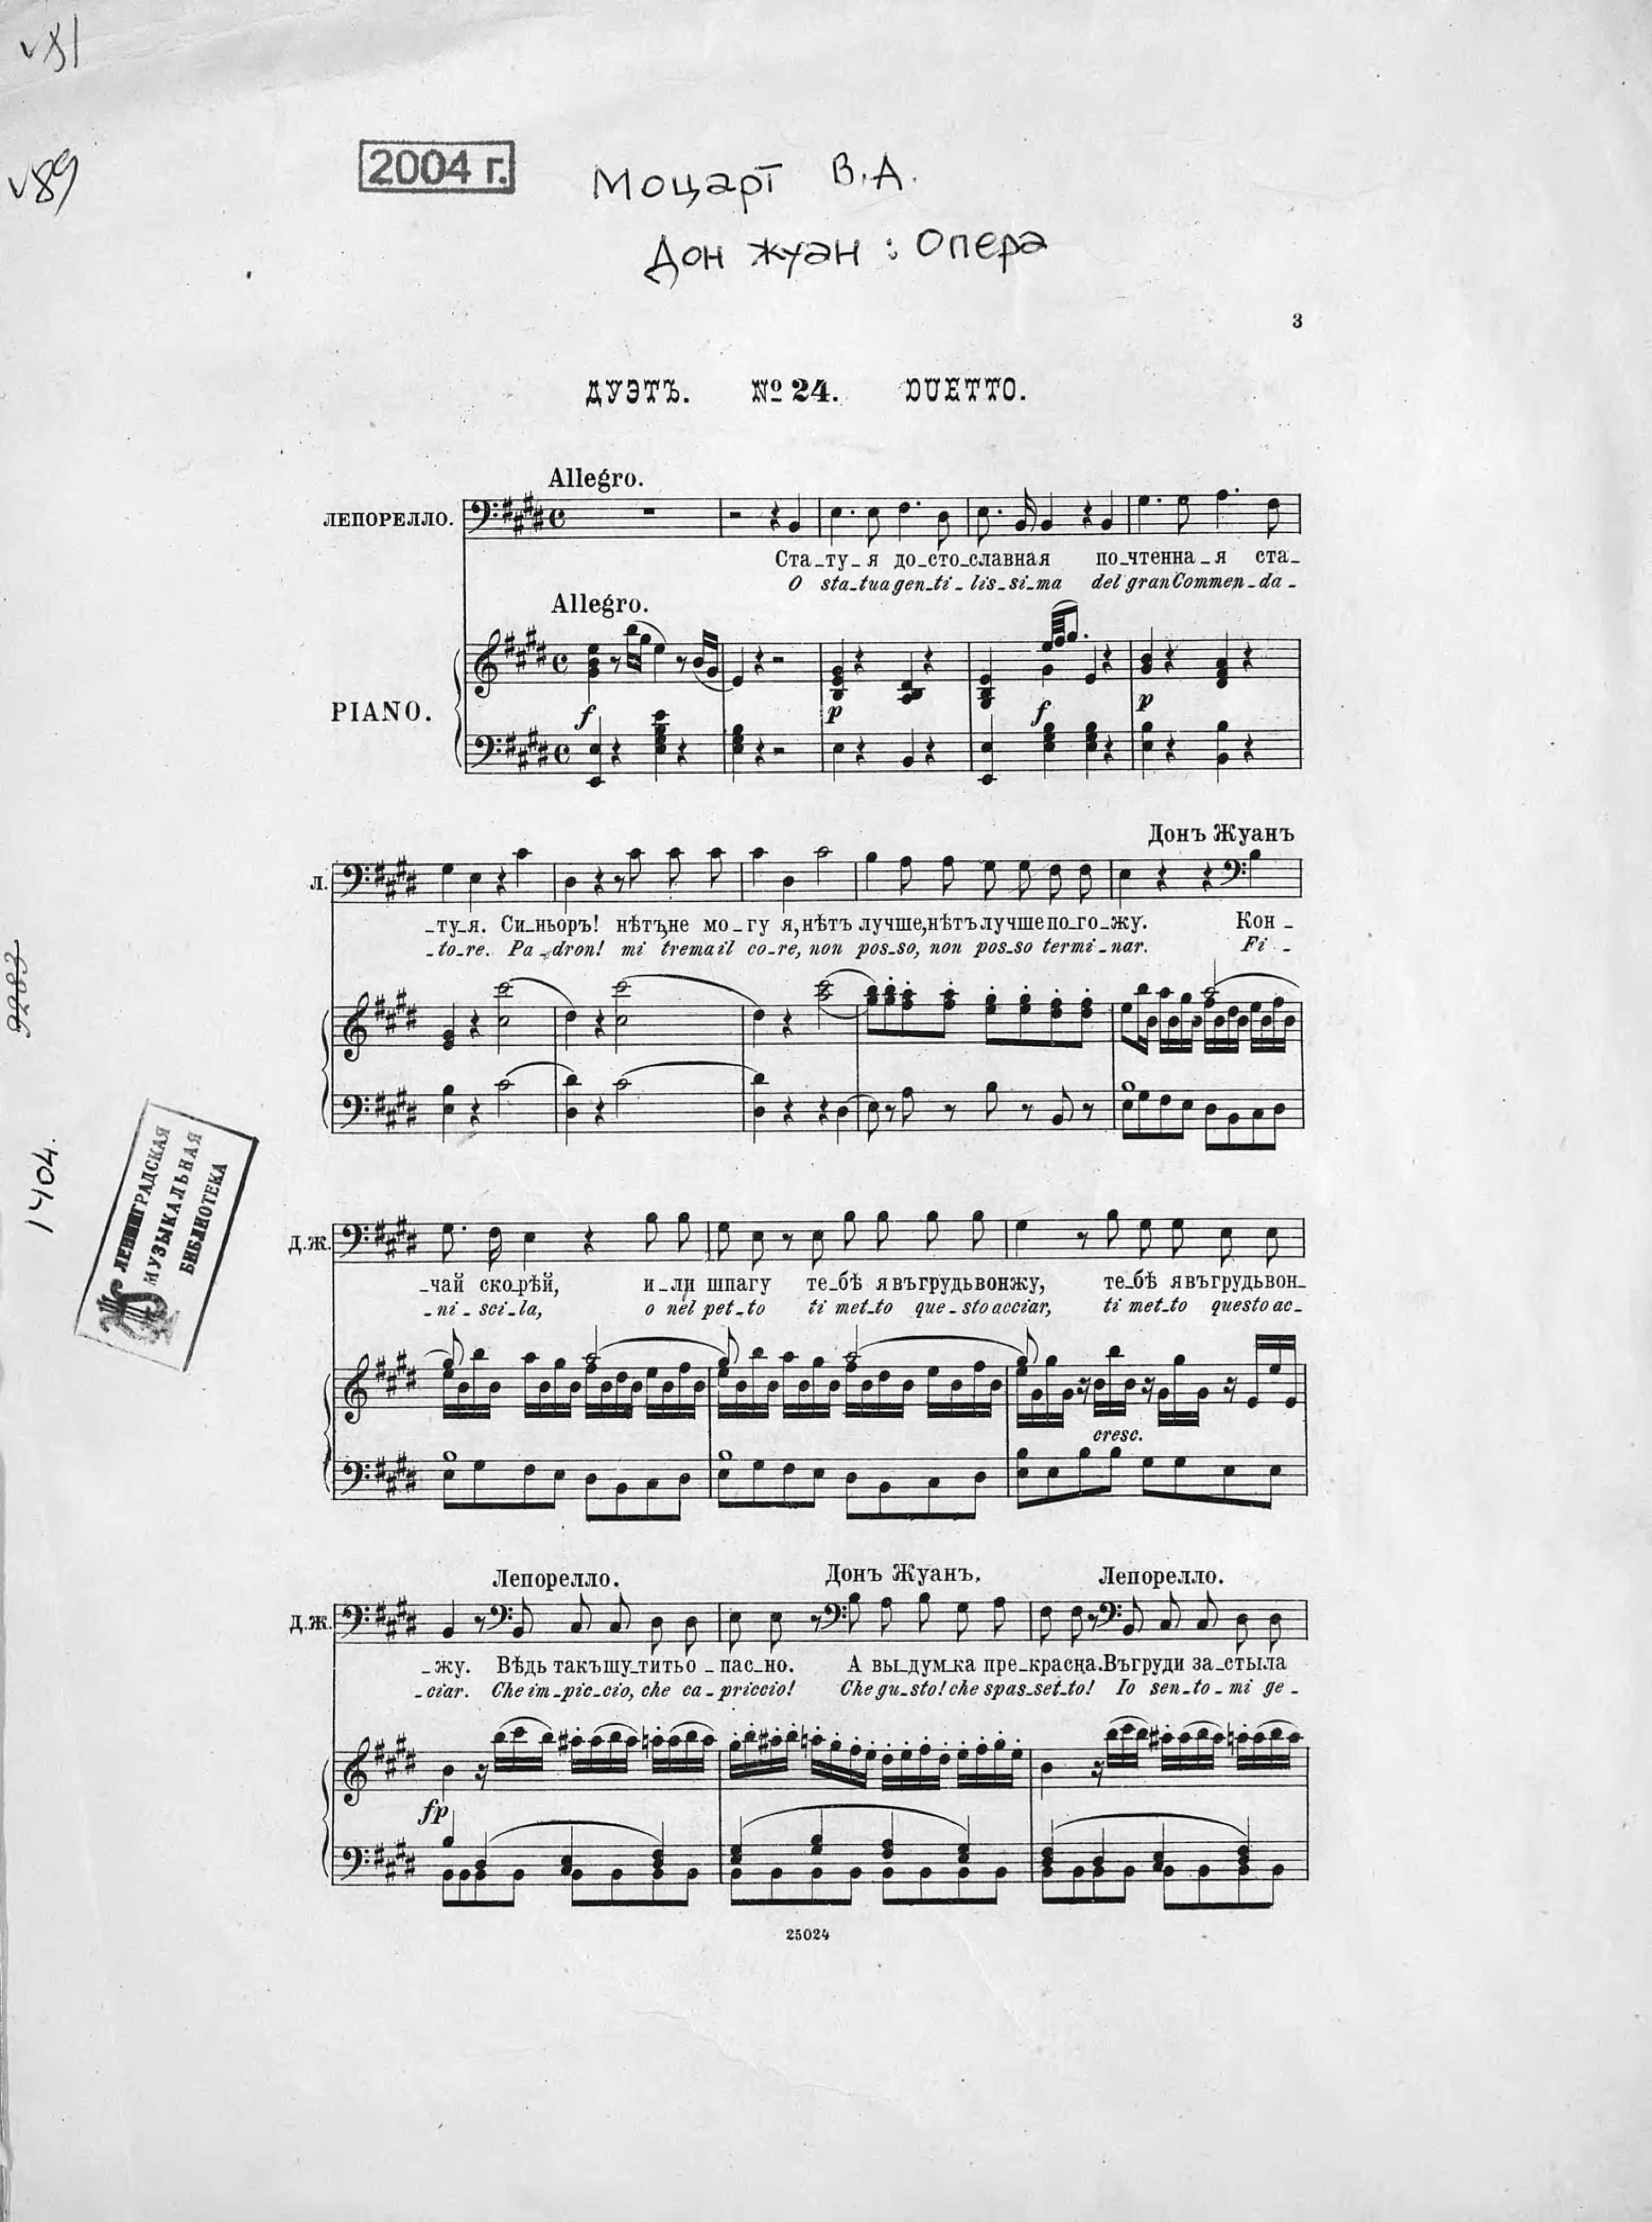 Вольфганг Амадей Моцарт Дон Жуан вольфганг амадей моцарт колыбельная песня